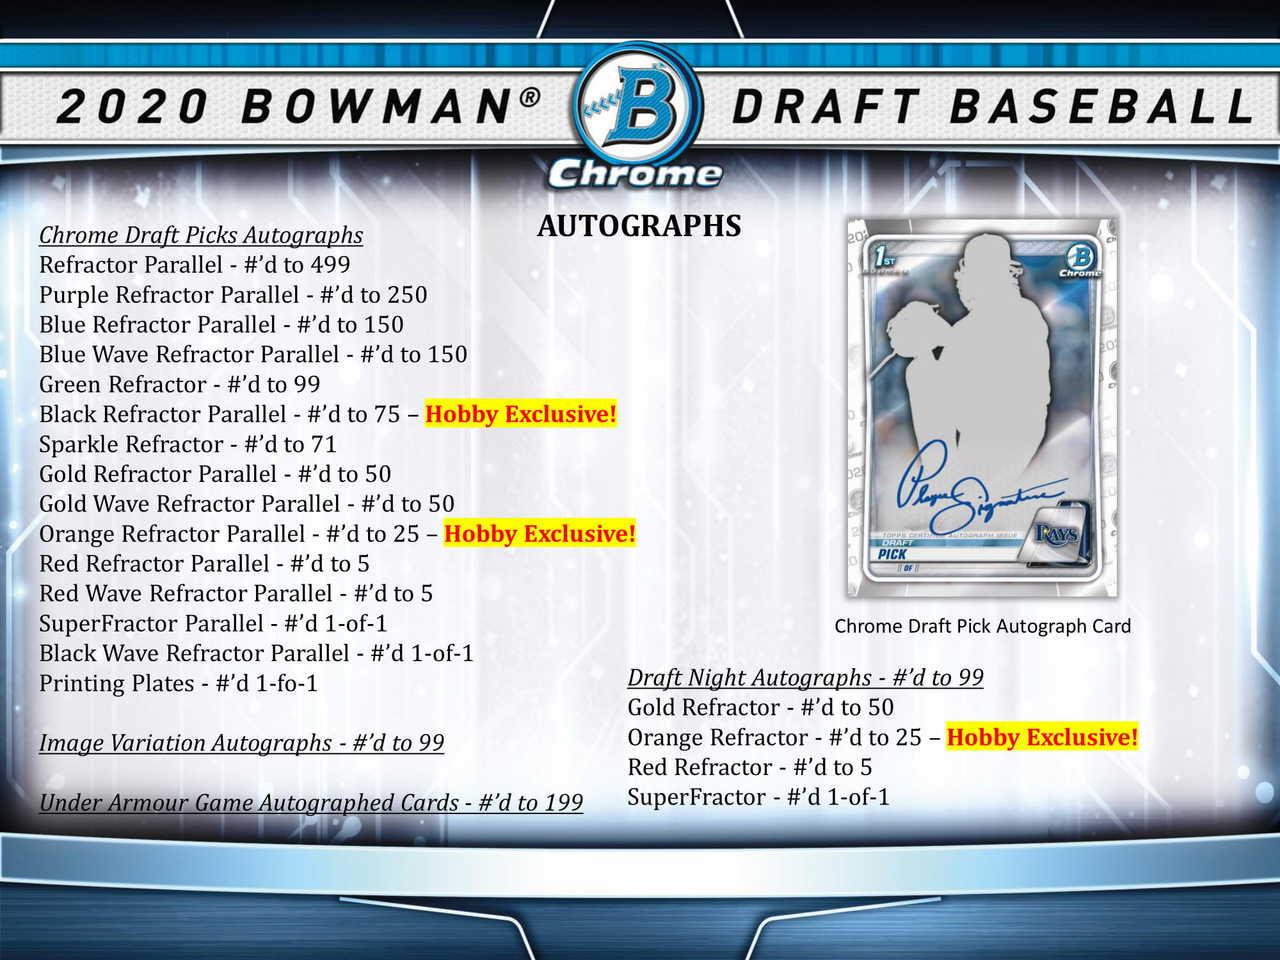 2020 Bowman Draft Baseball Jumbo Box